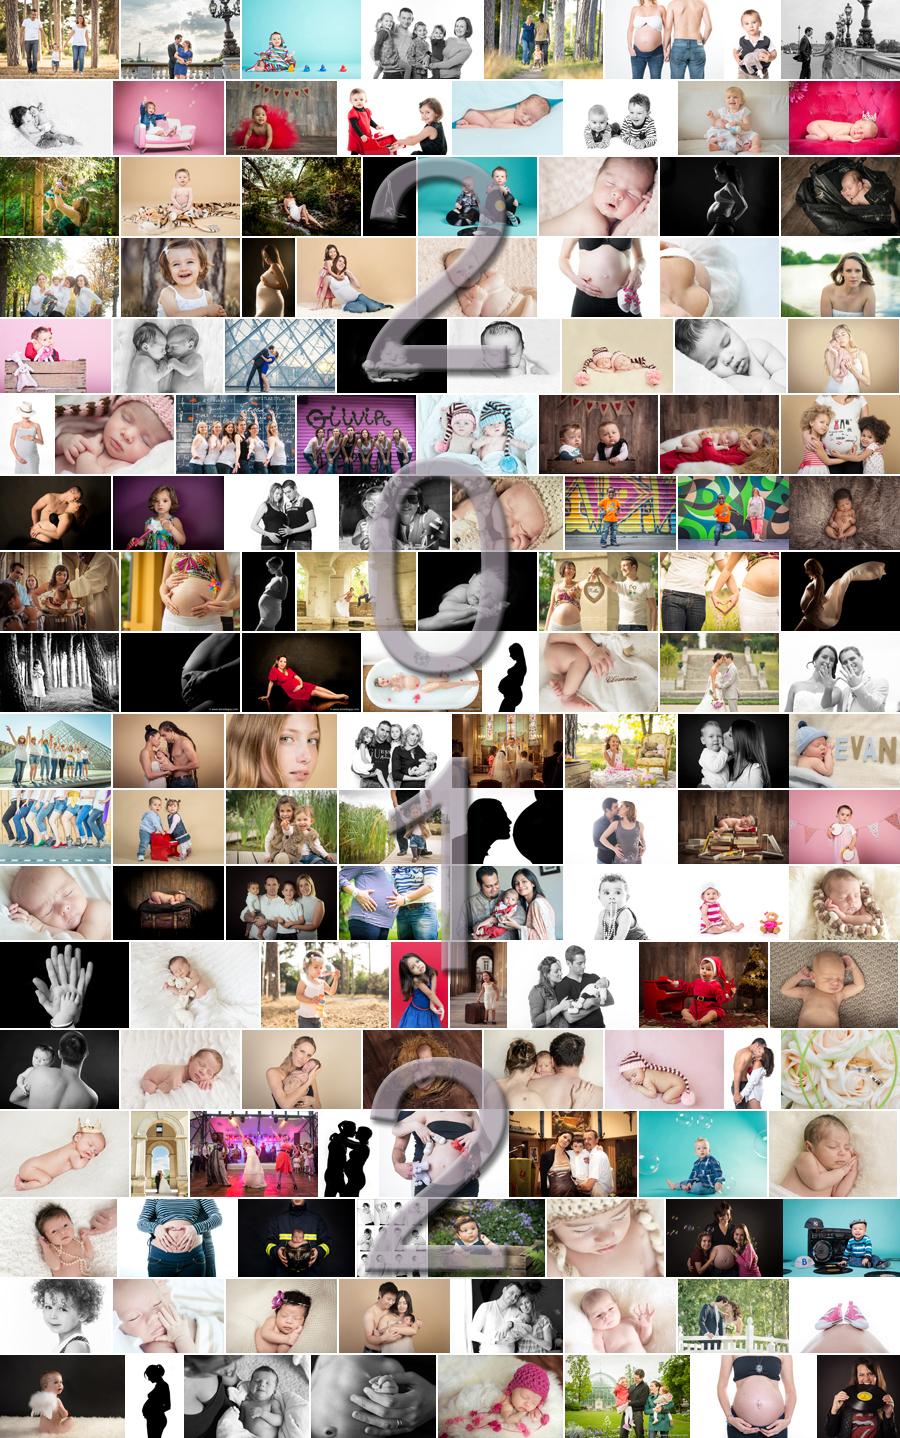 photographe enfant, photographe famille, photographe mariage, photographe lifestyle, photographe baptême, aline deguy